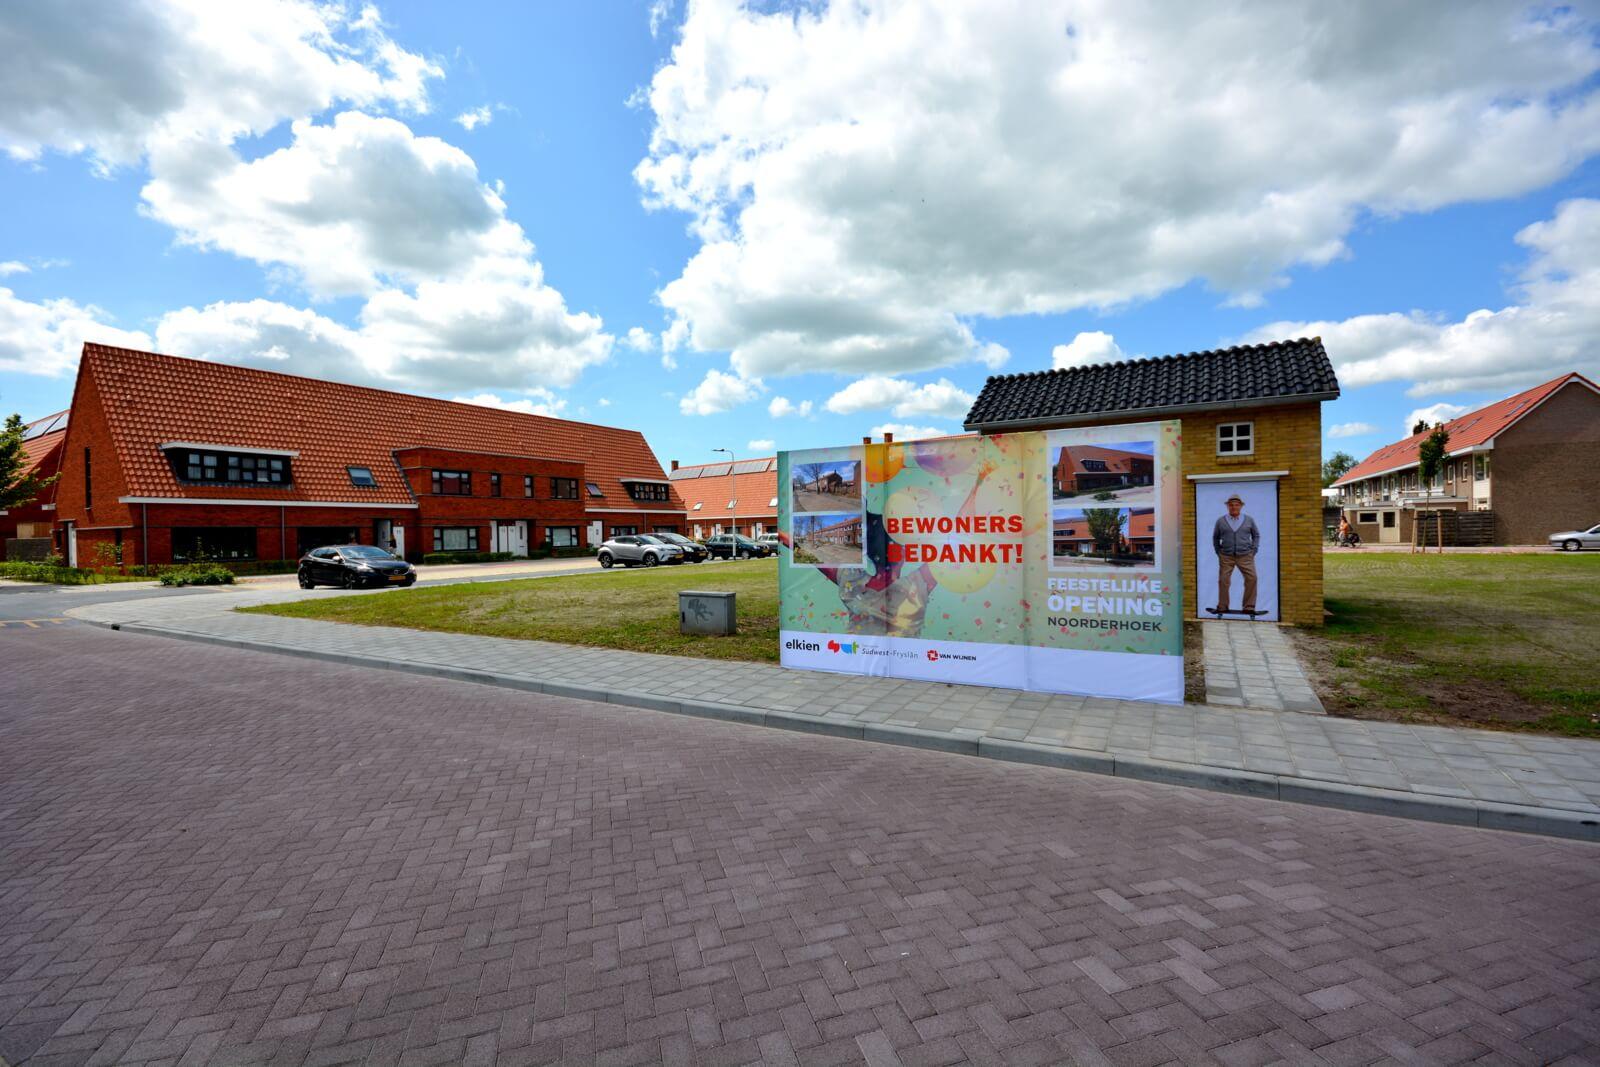 Renovatie wijk Noorderhoek